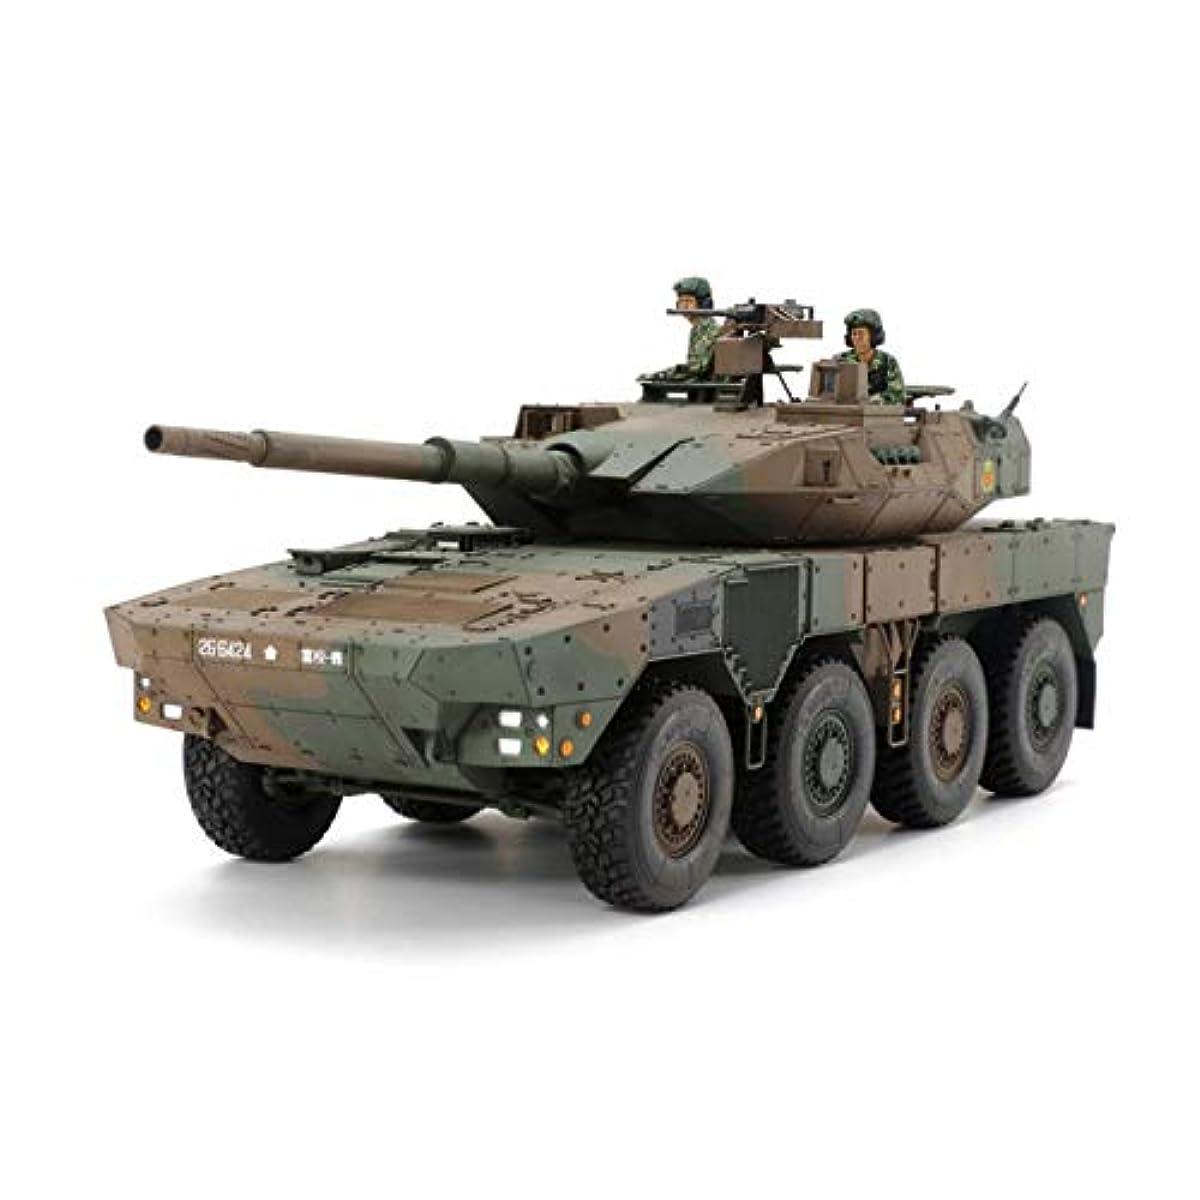 [해외] 퍼터미야 1/35 밀리터리 미니어쳐 시리즈 NO.361 육상 16 식기동 전투차 프라모델  35361